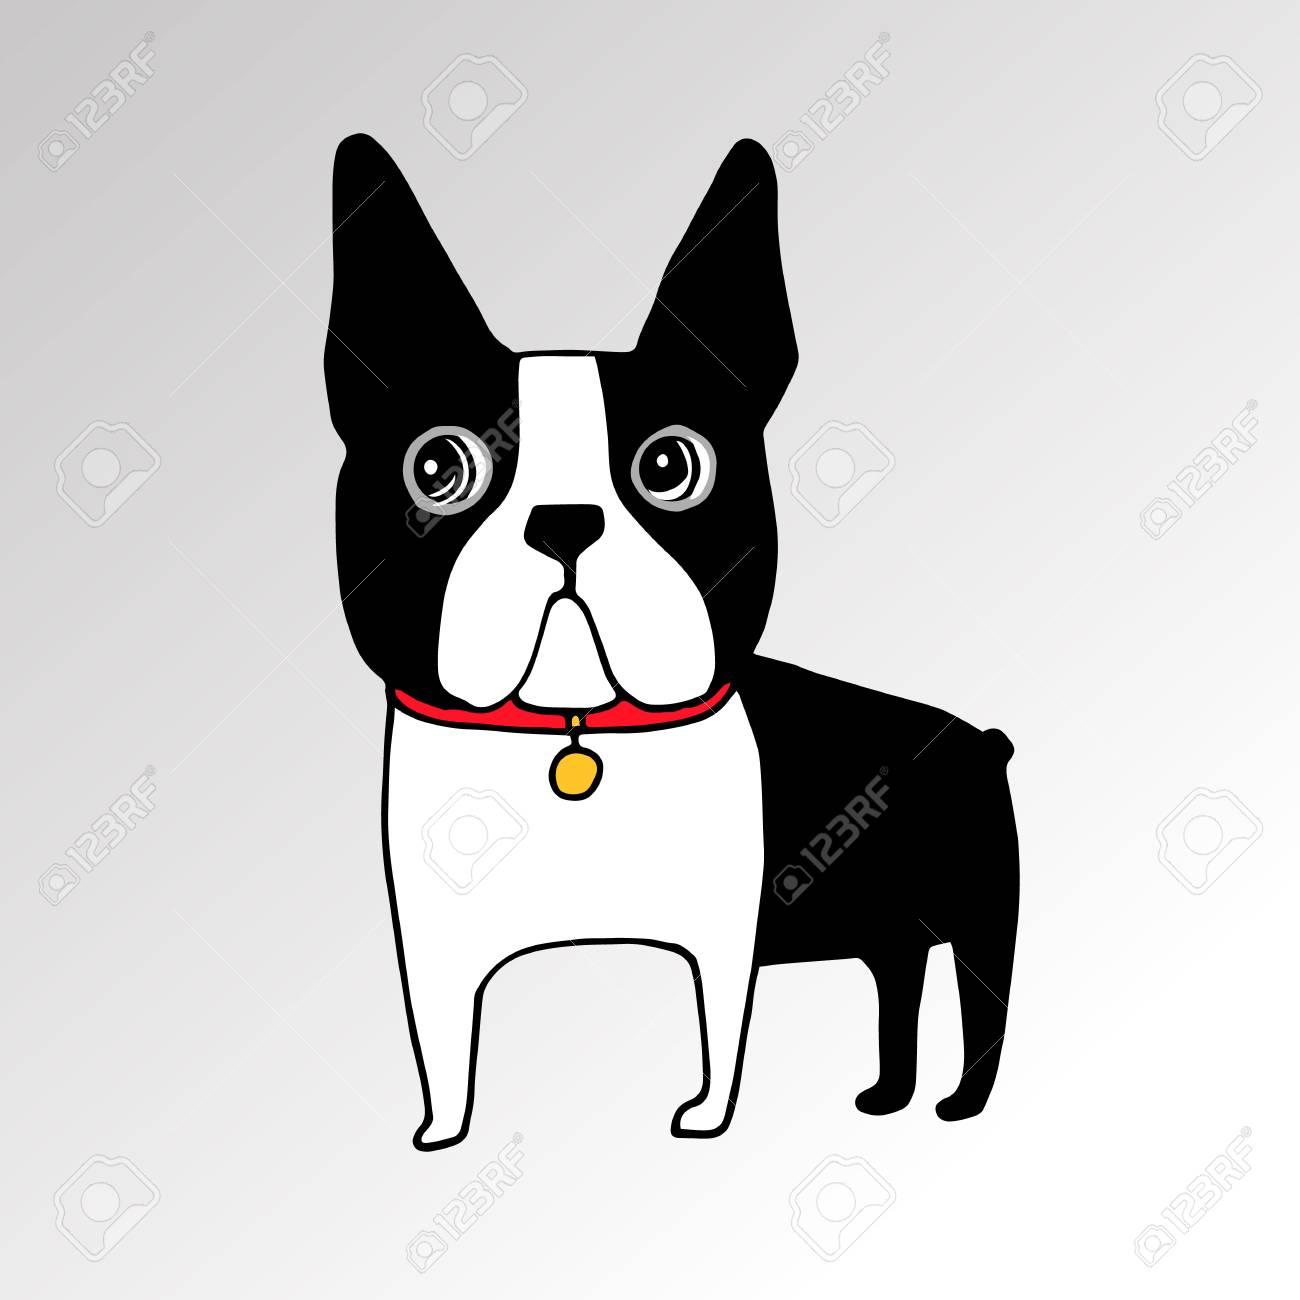 フレンチ ブルドッグ犬はひもにつないできれいな顔耳尻尾の